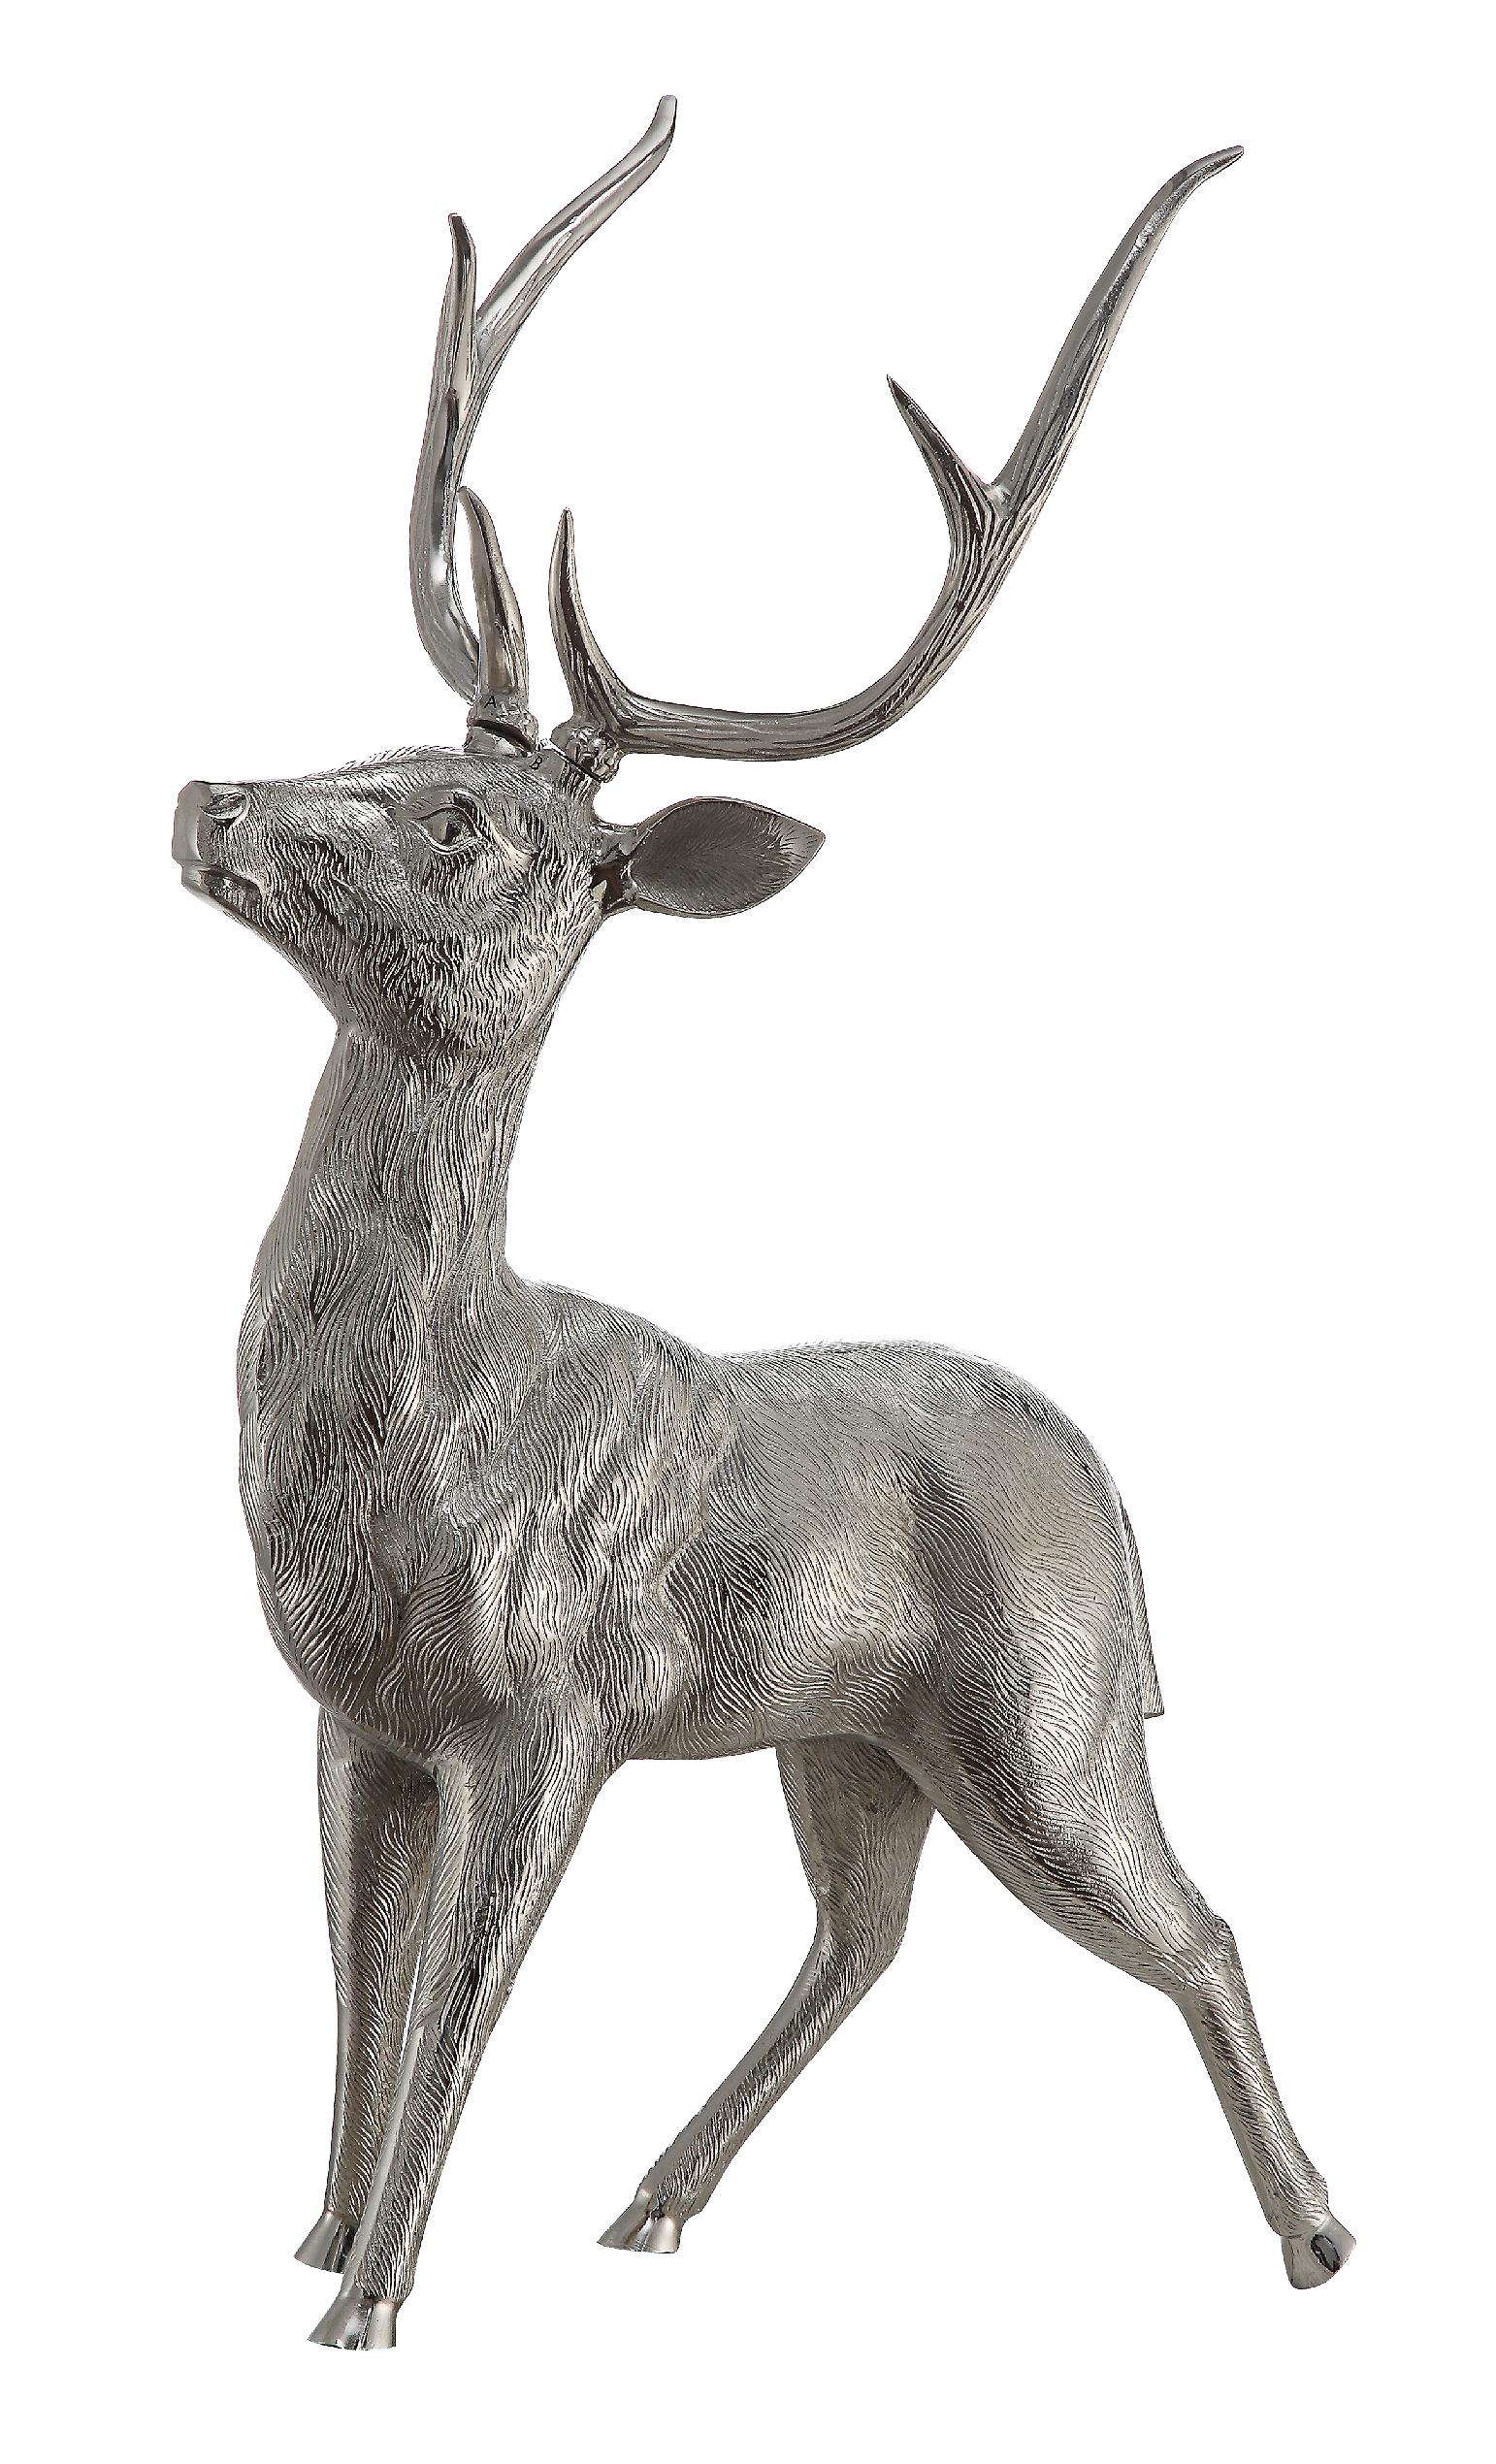 NEW Silver Reinder